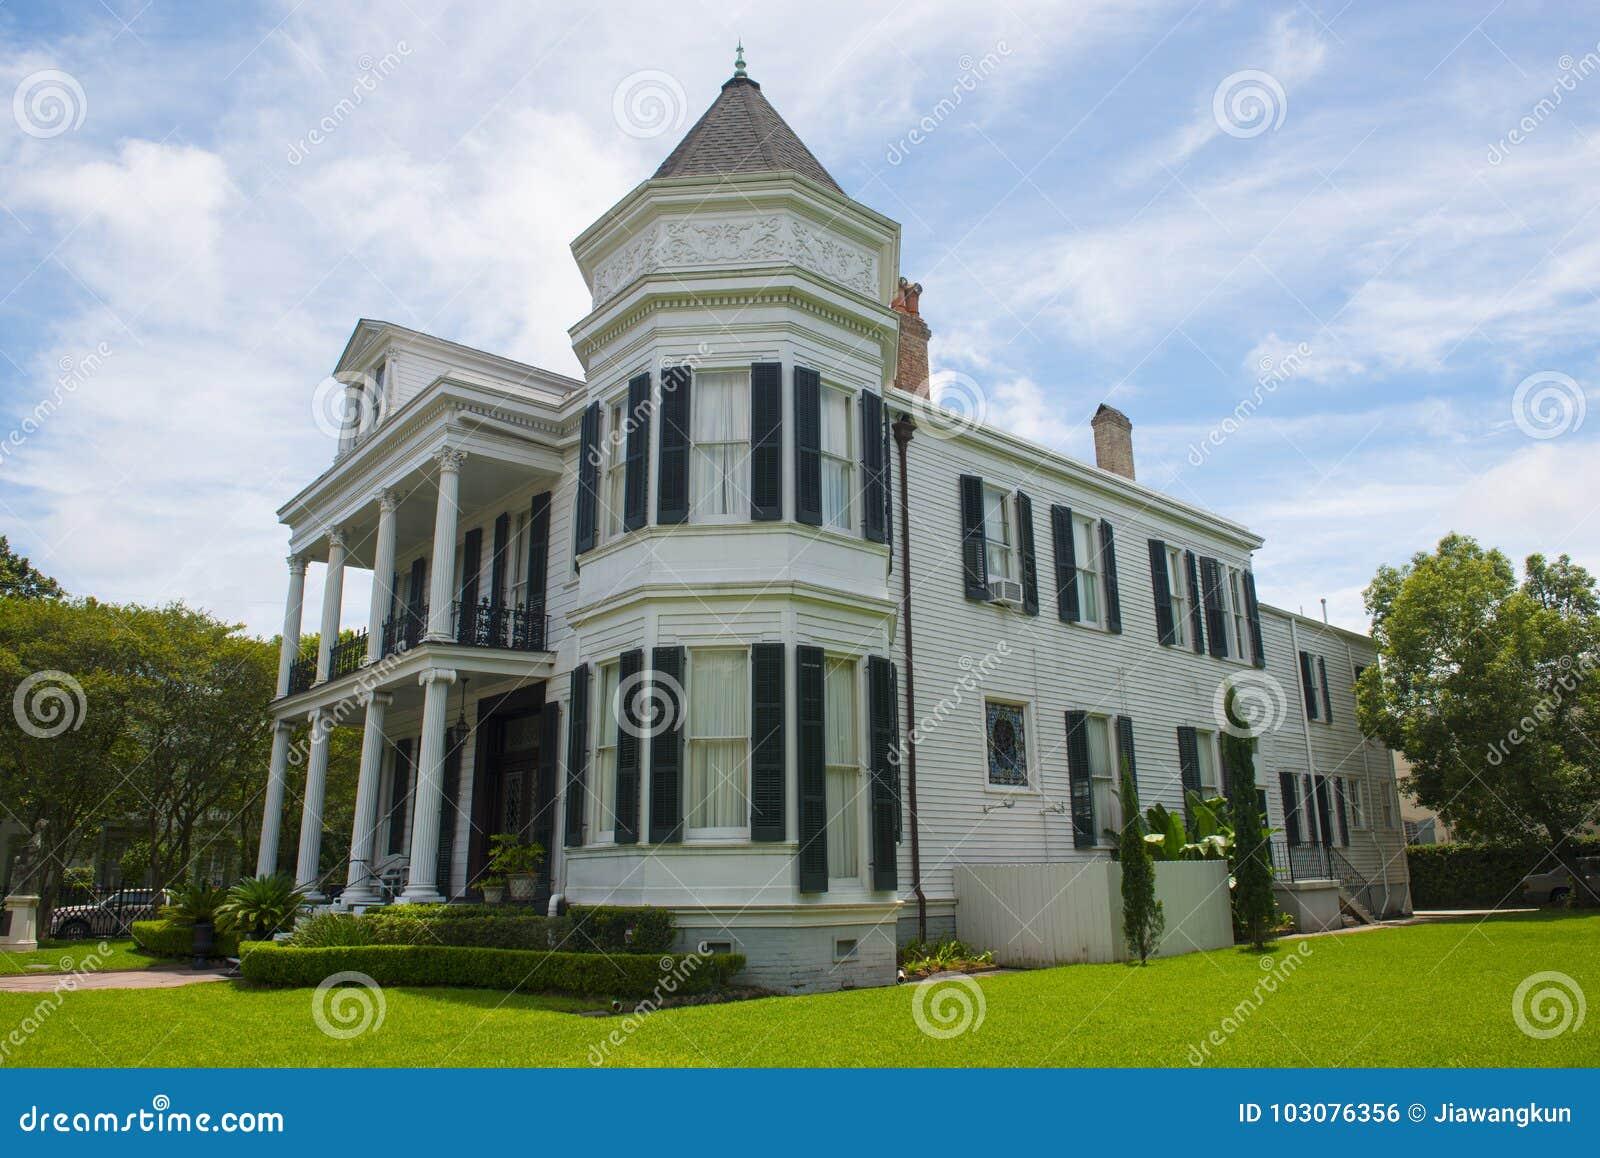 Maison de guilde d opéra, secteur de jardin, la Nouvelle-Orléans